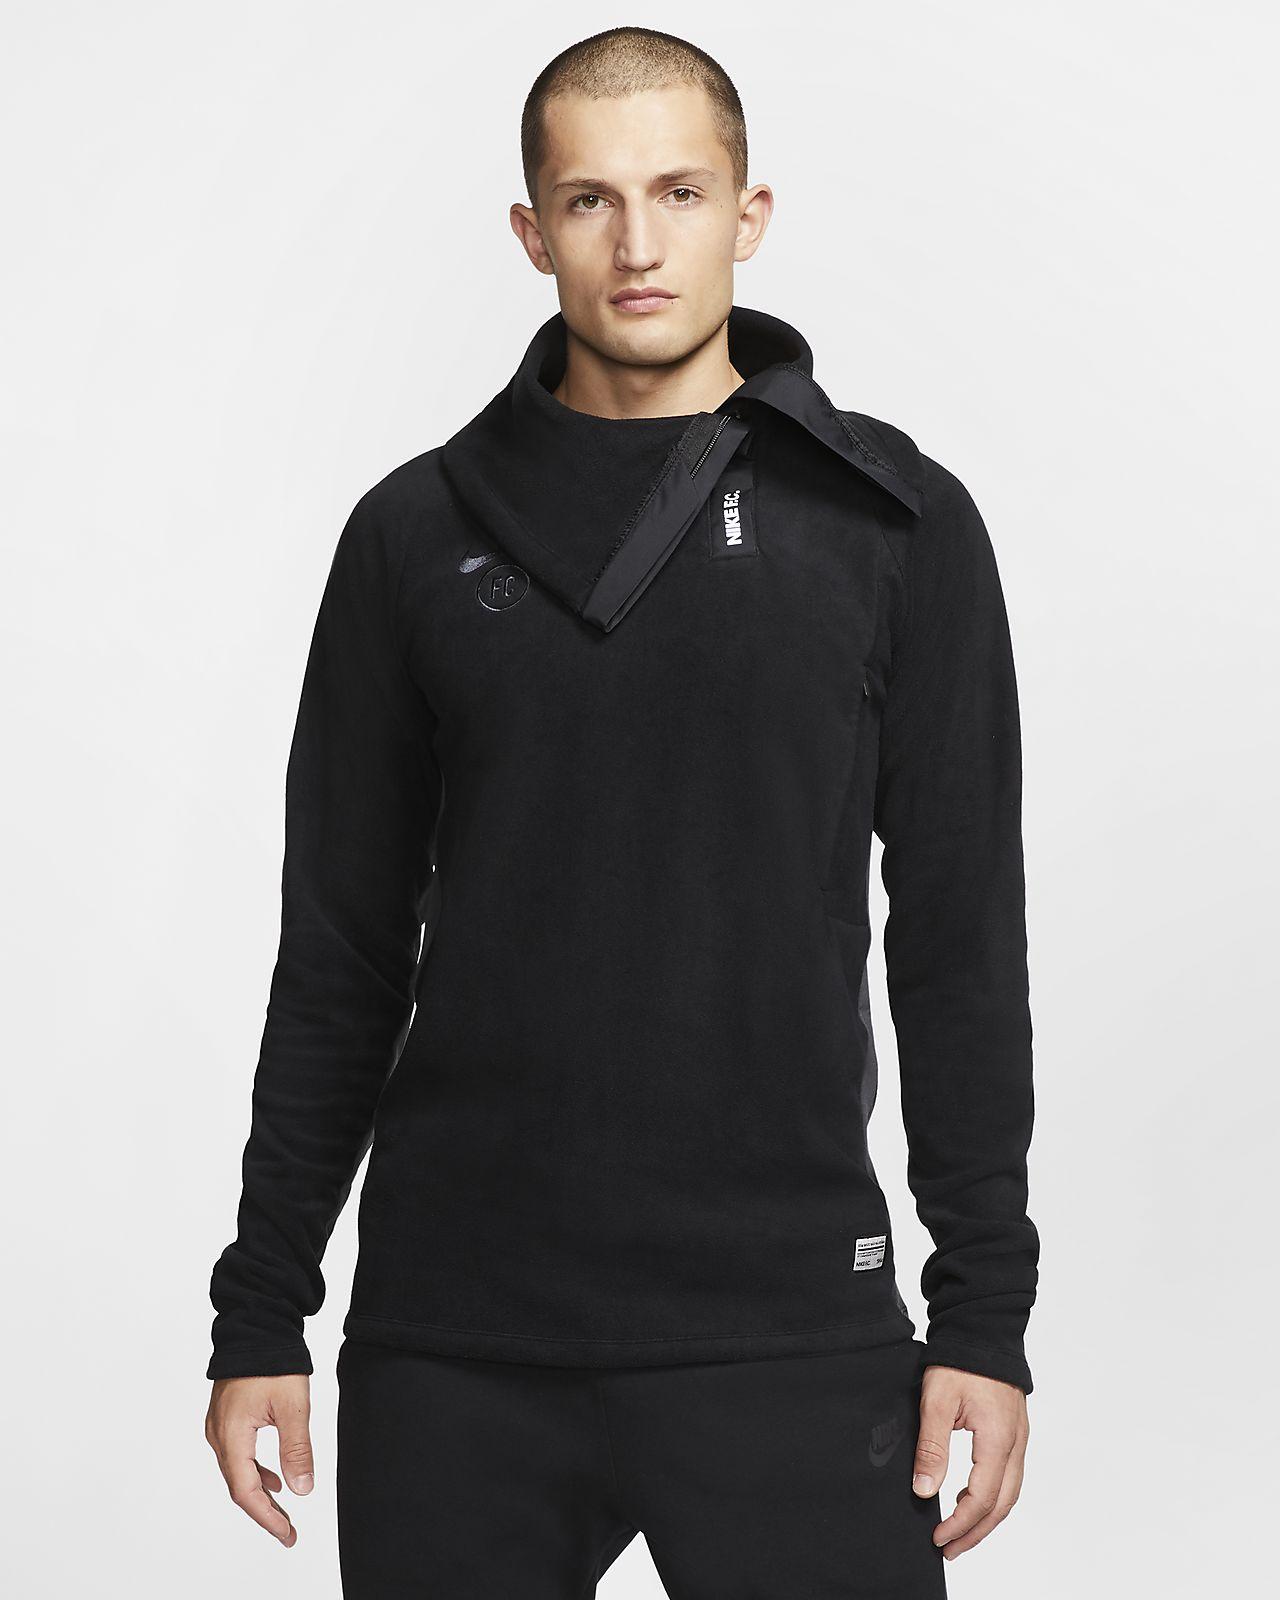 Ανδρική ποδοσφαιρική μπλούζα προπόνησης Nike F.C.